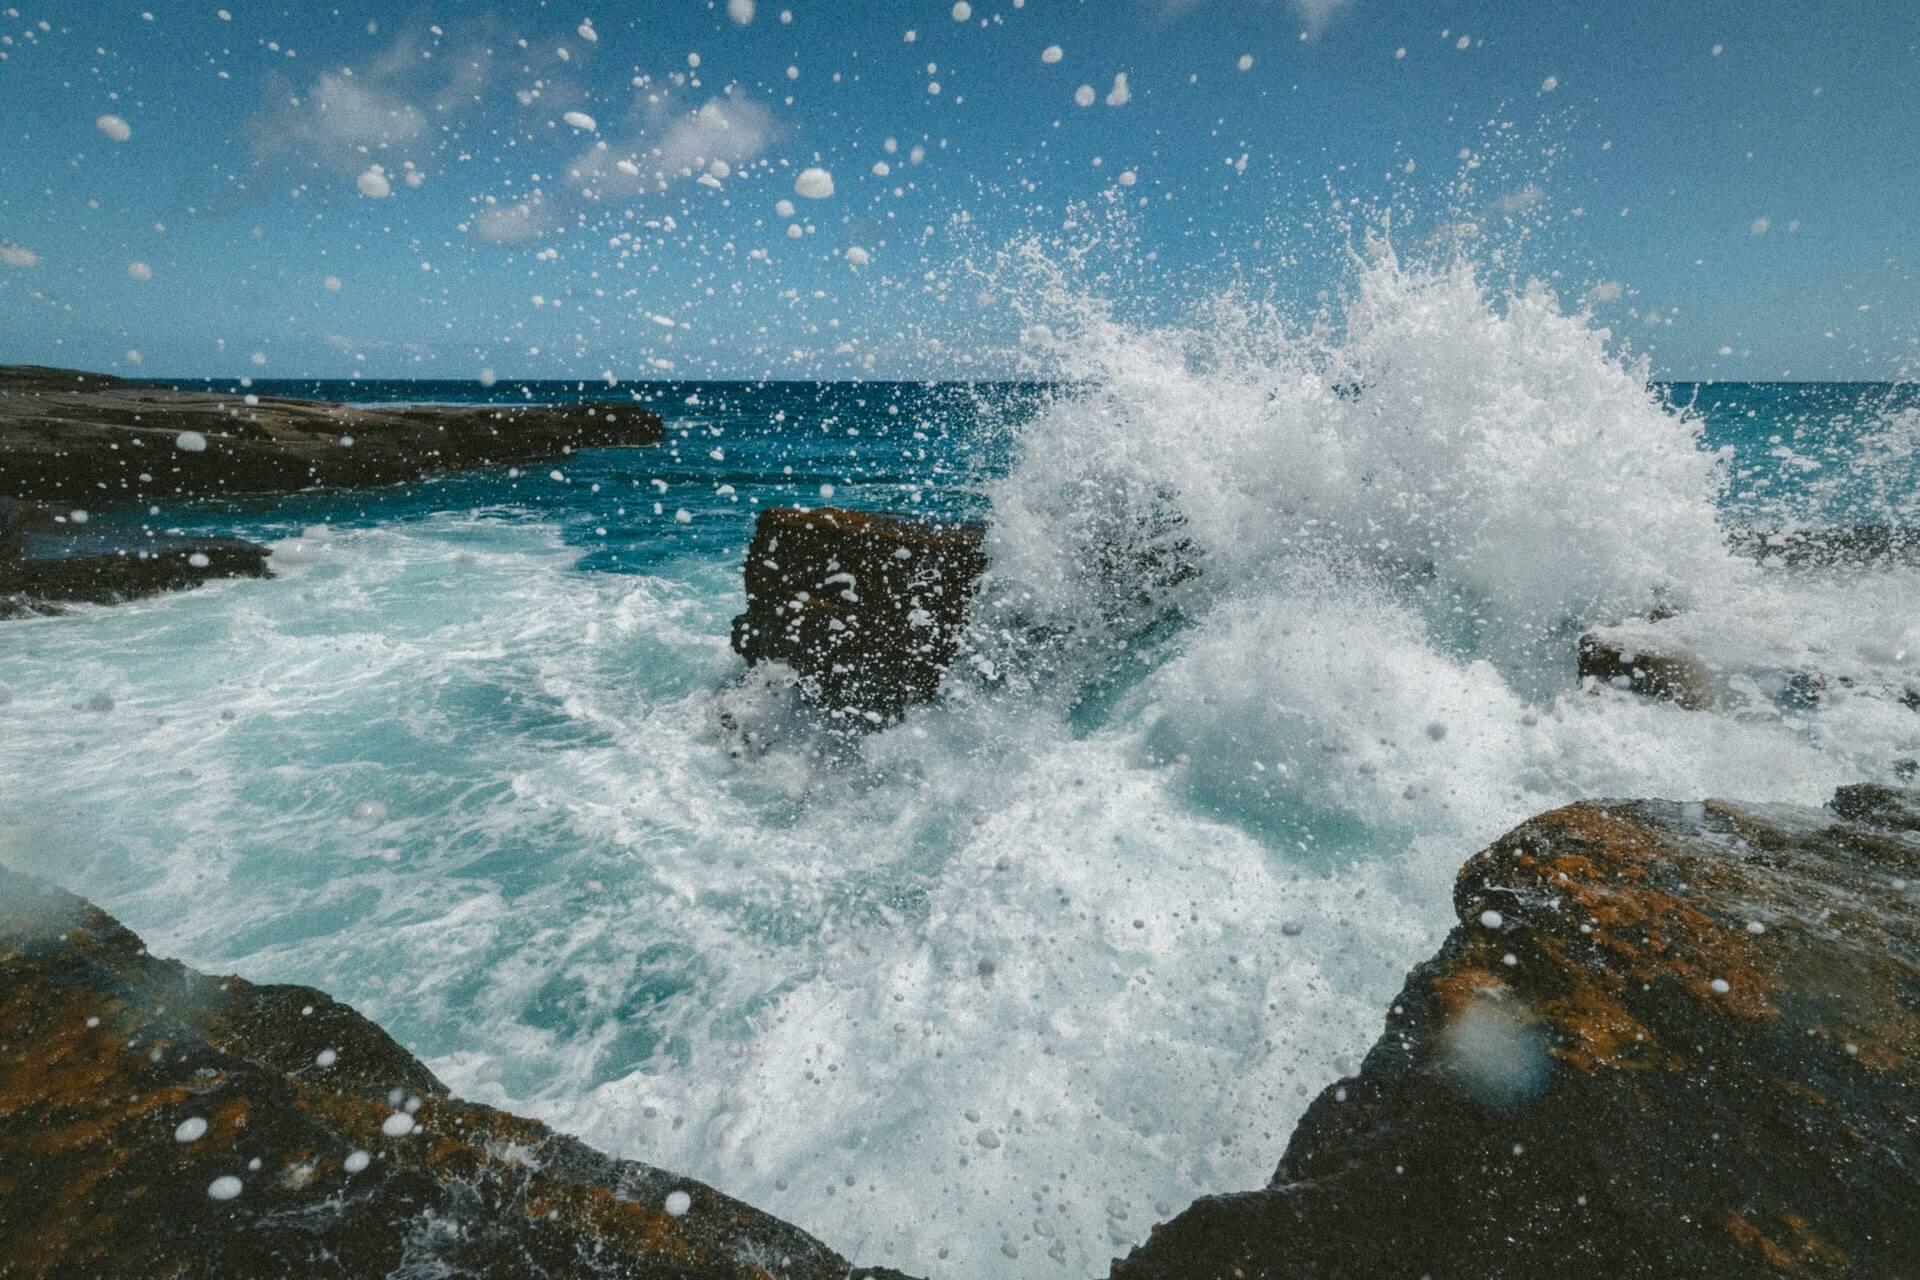 Mar rompe en una playa como la respiración ujjayi.